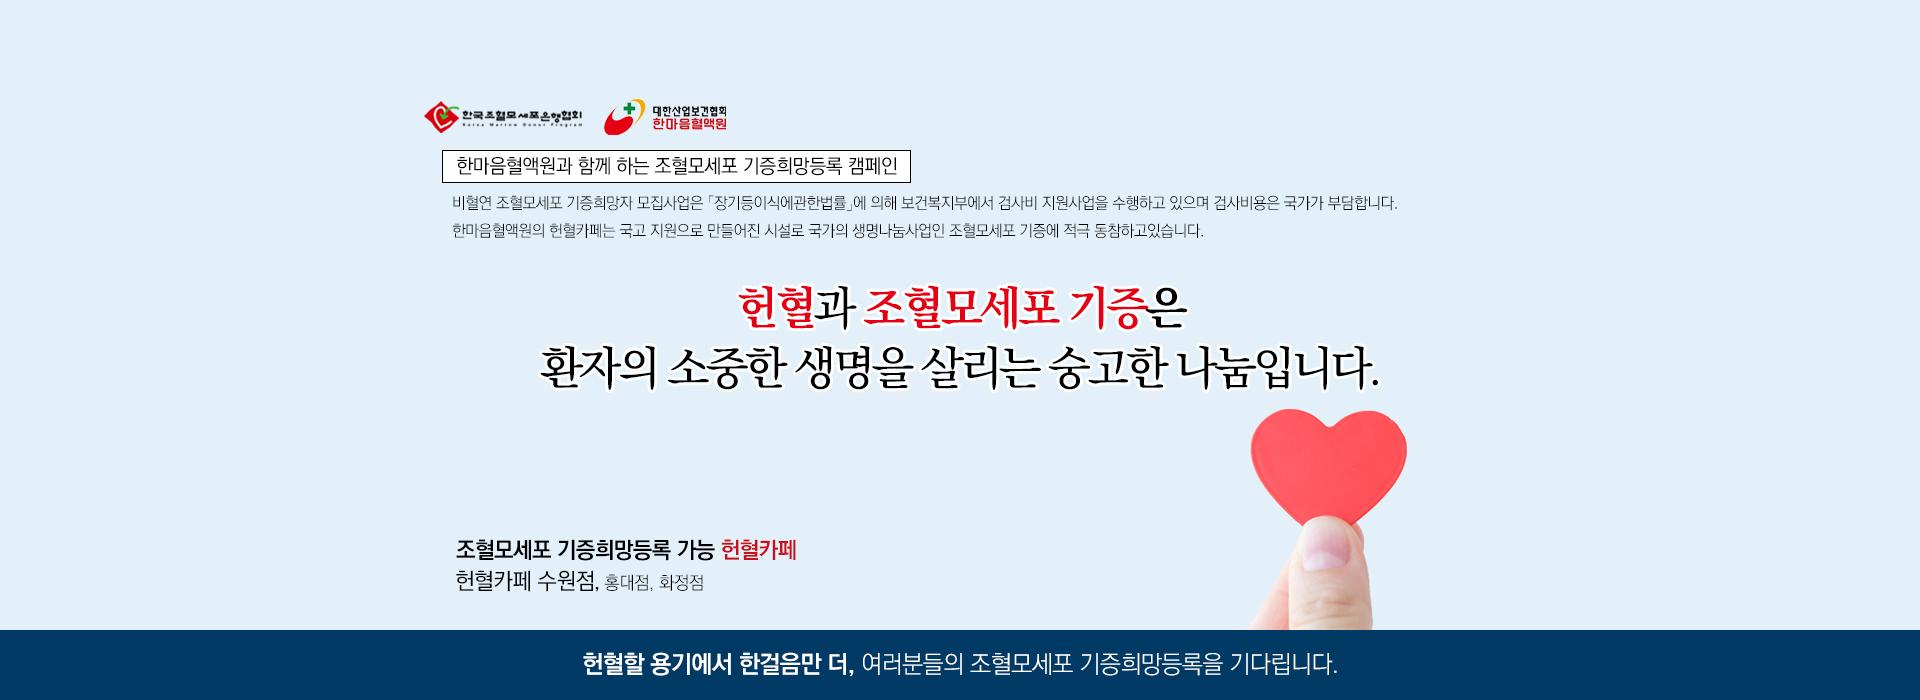 헌혈카페 수원점 캠페인